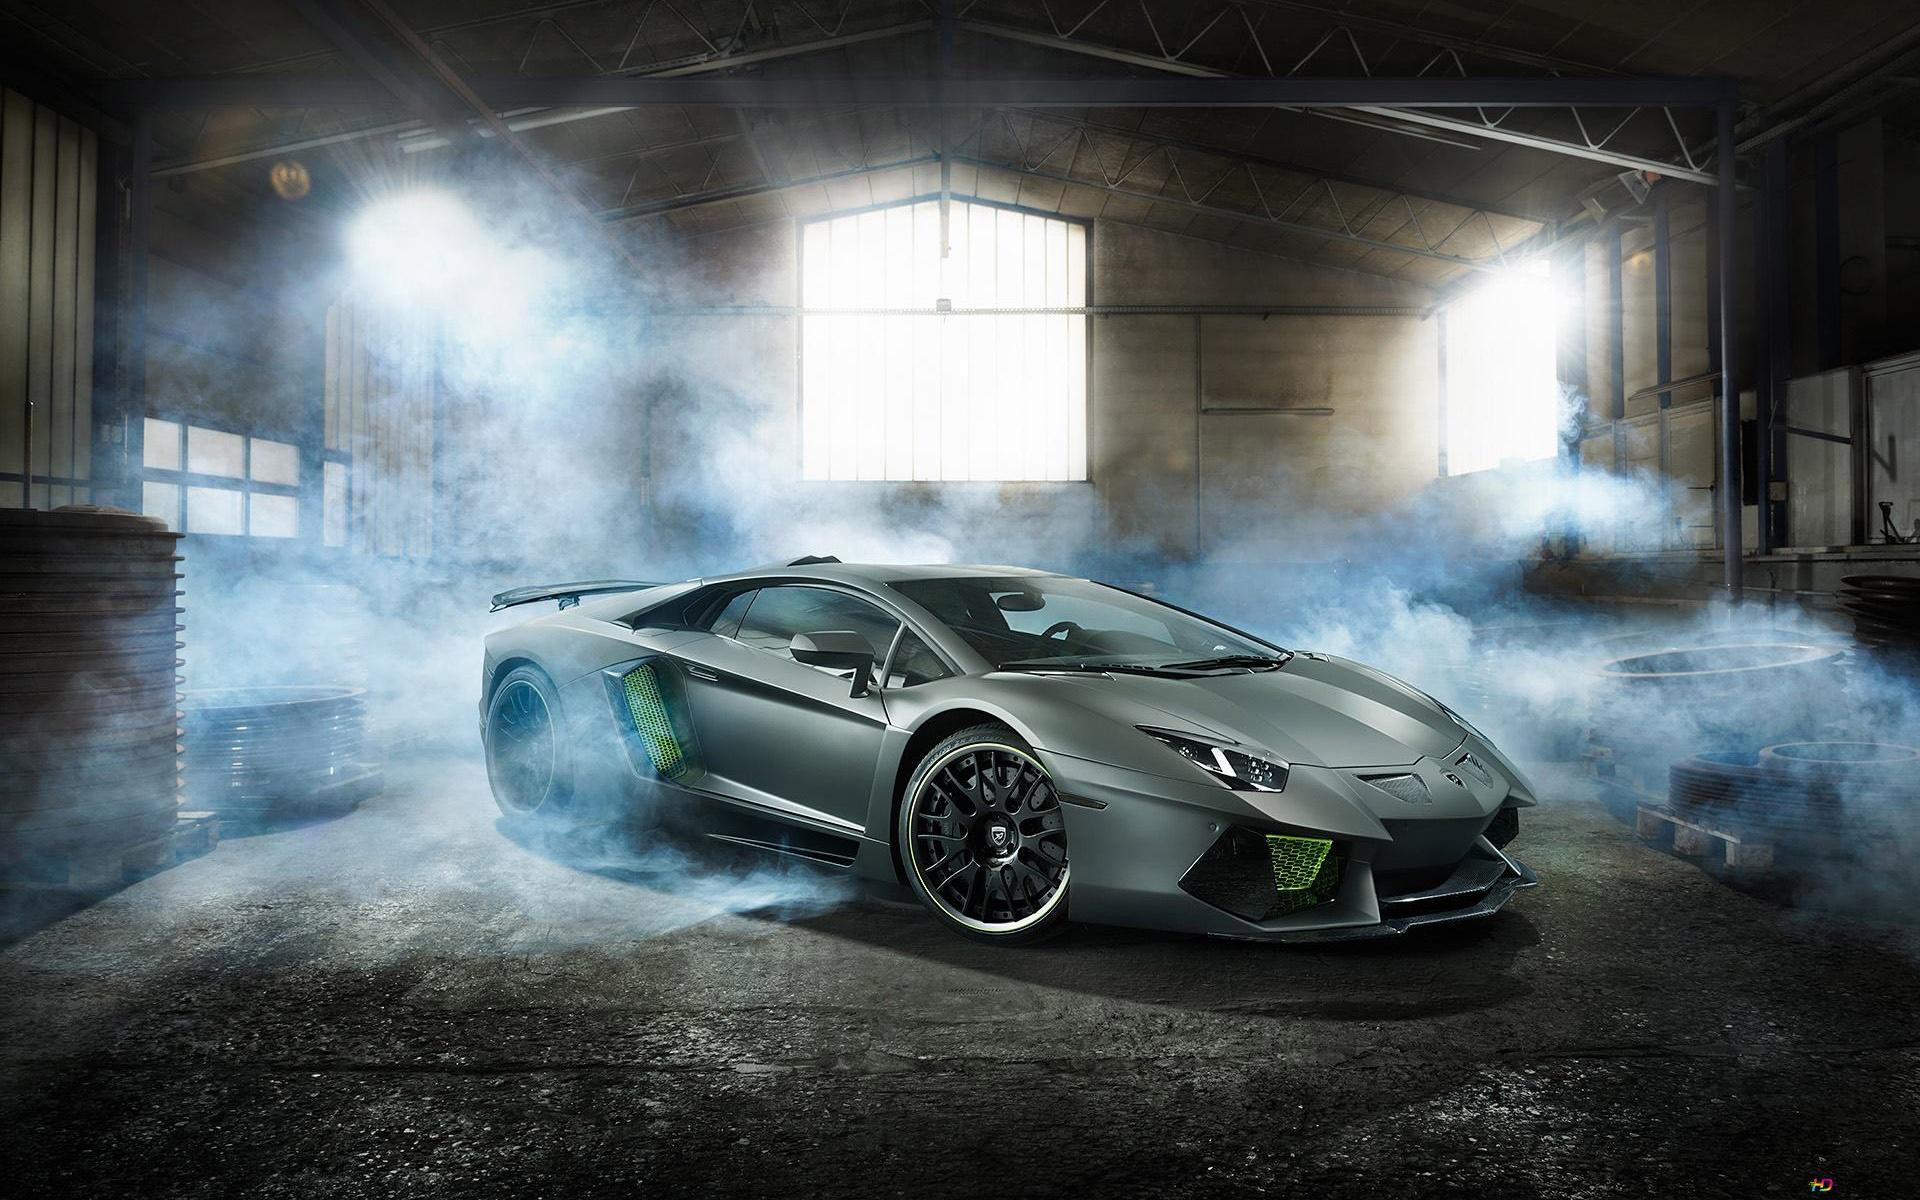 Descargar Fondo De Pantalla Lamborghini Aventador En El